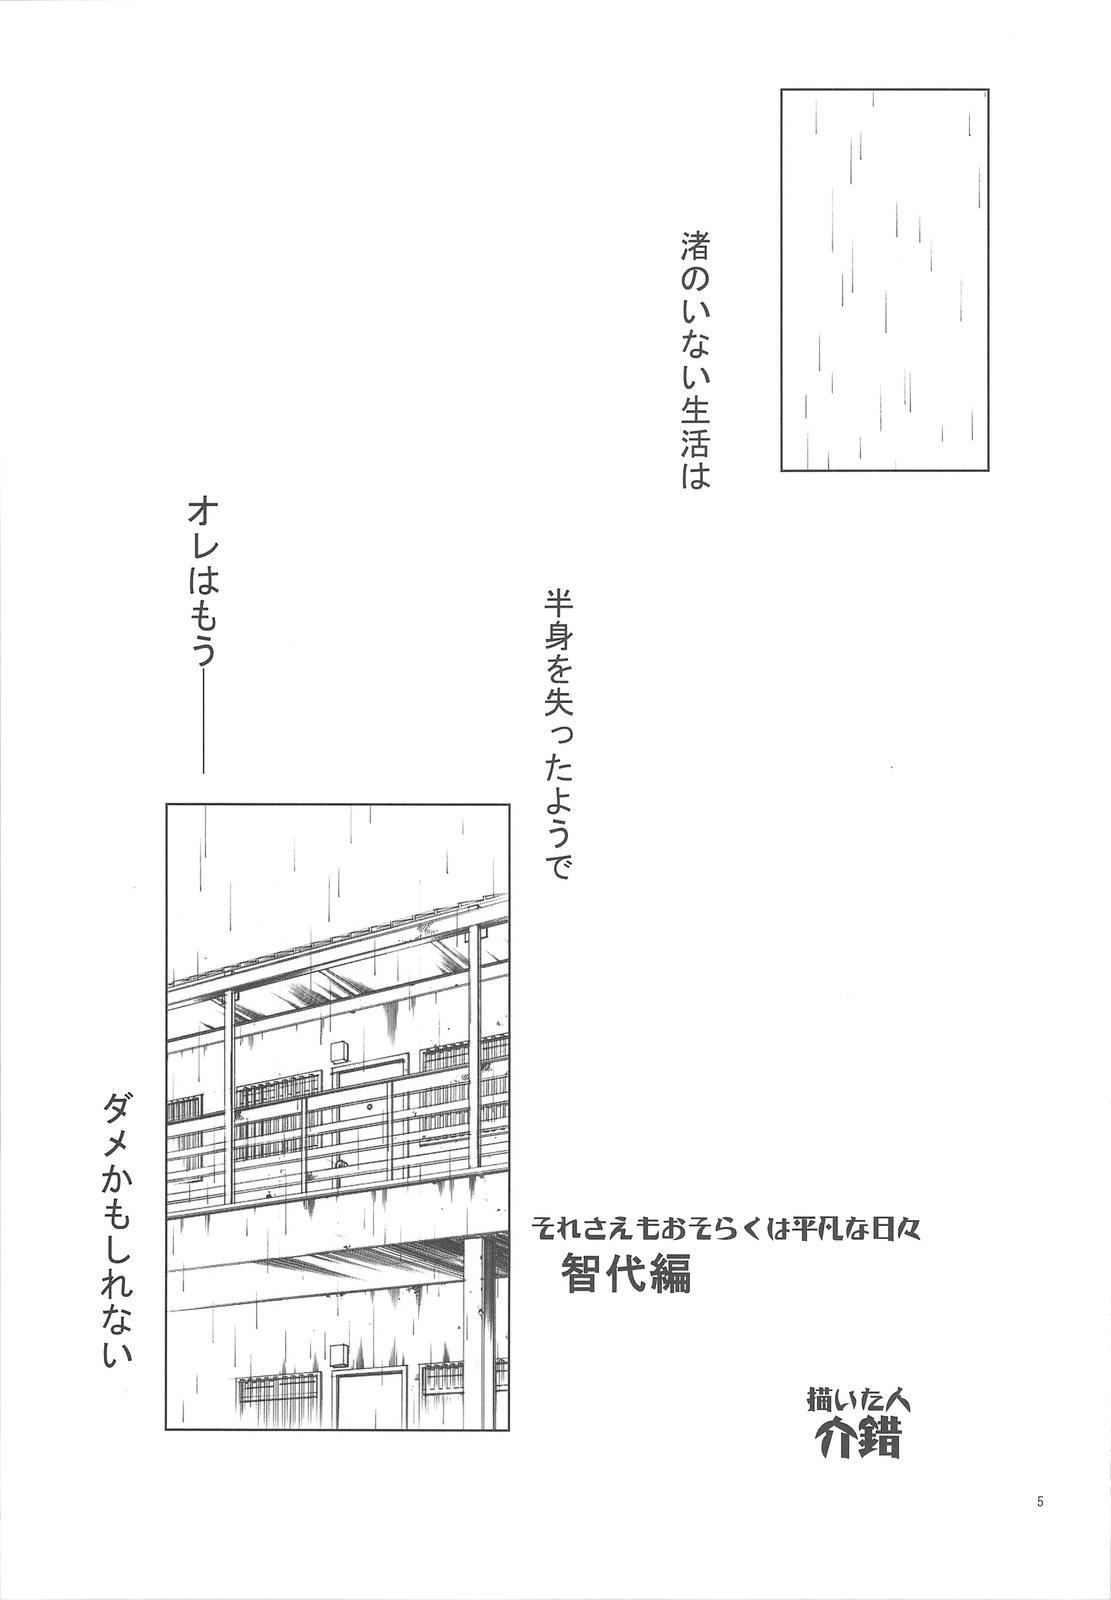 kaishaku AFTER 3